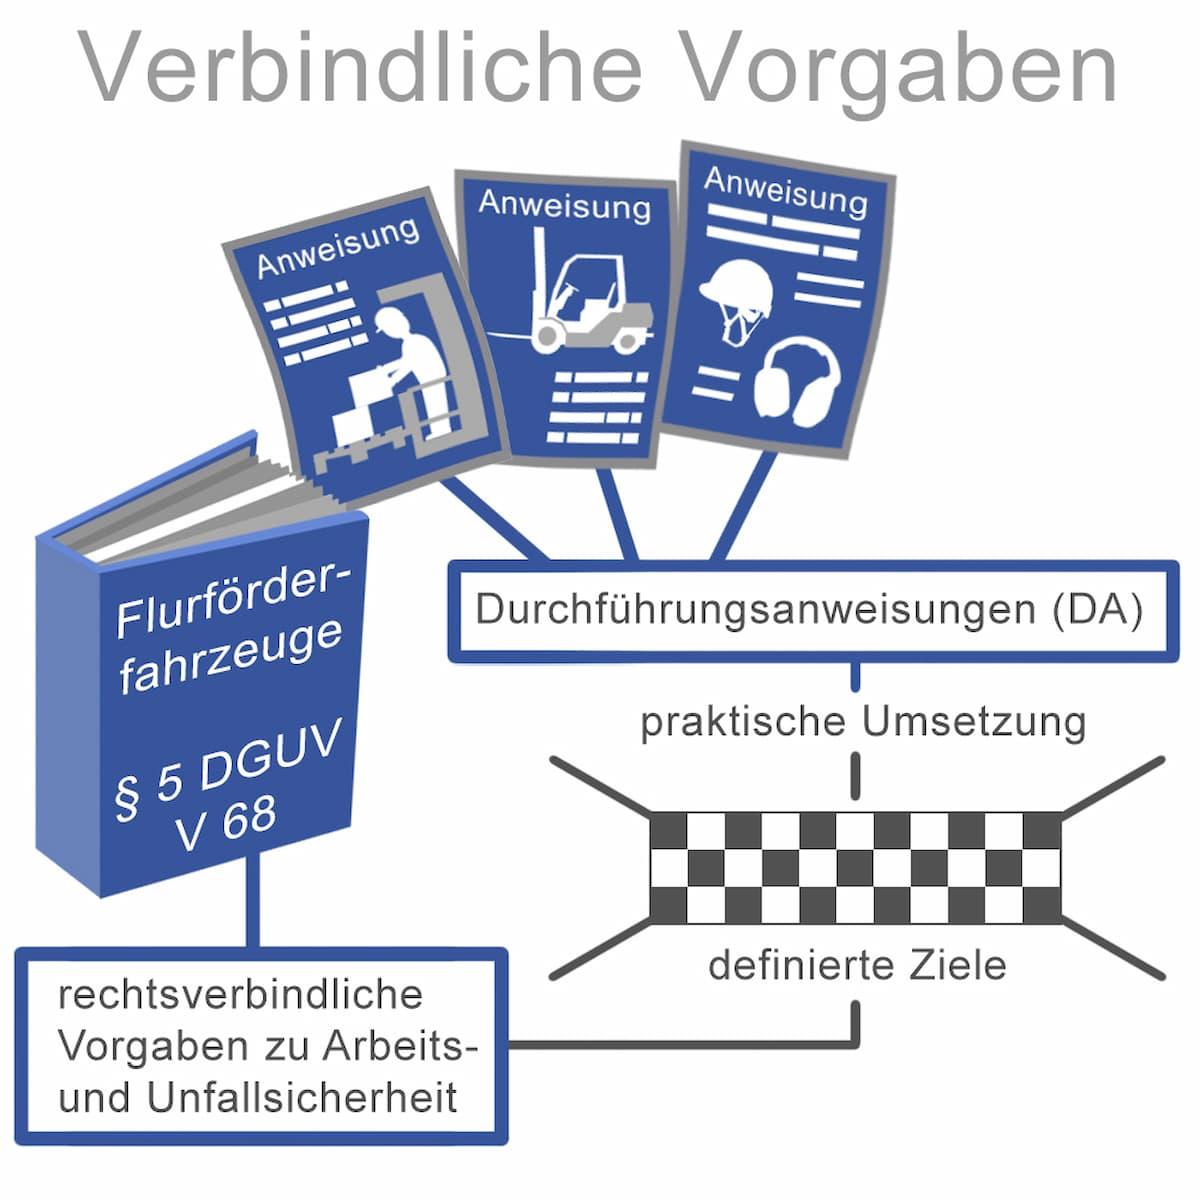 Betriebsanweiung: Verbindliche Vorgaben für Mitarbeiter